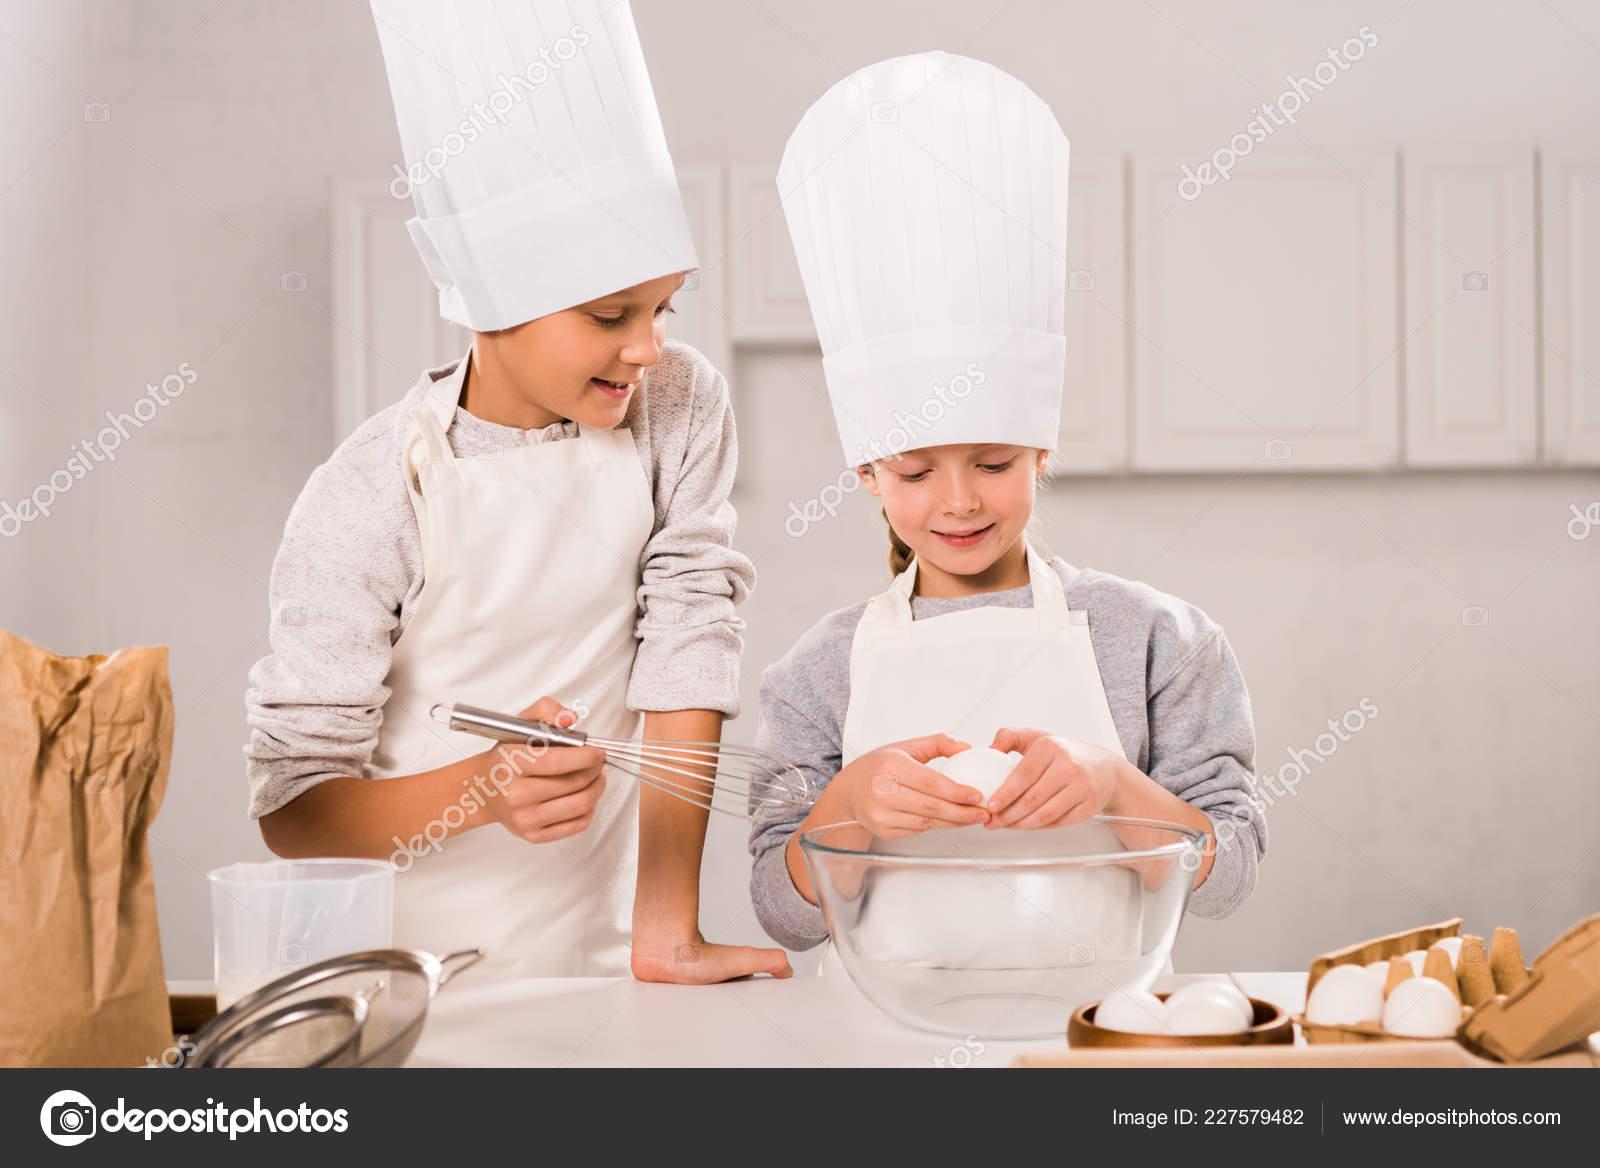 Messa a fuoco selettiva dei bambini in grembiuli e cappelli da chef durante  la preparazione del cibo al tavolo in cucina– immagine stock 0575214f9dd4